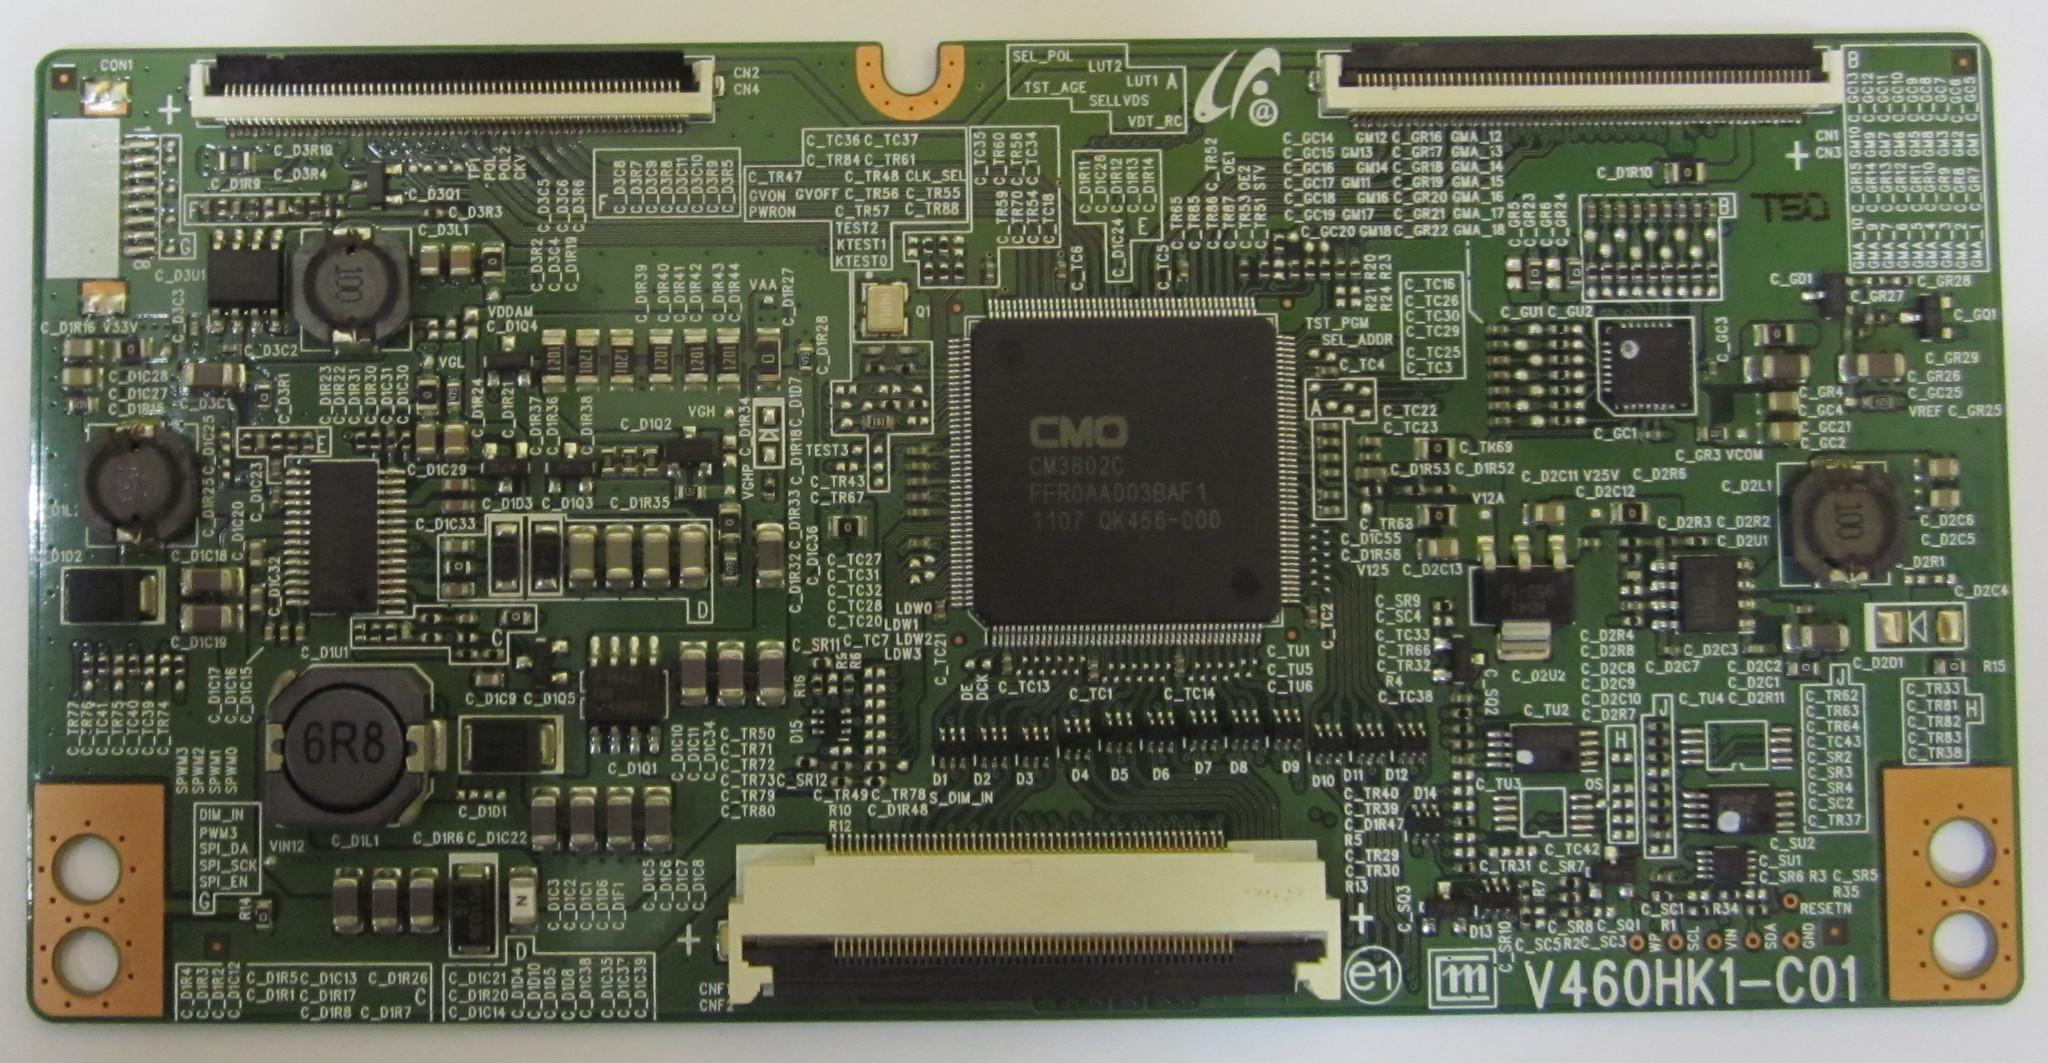 V460HK1-C01